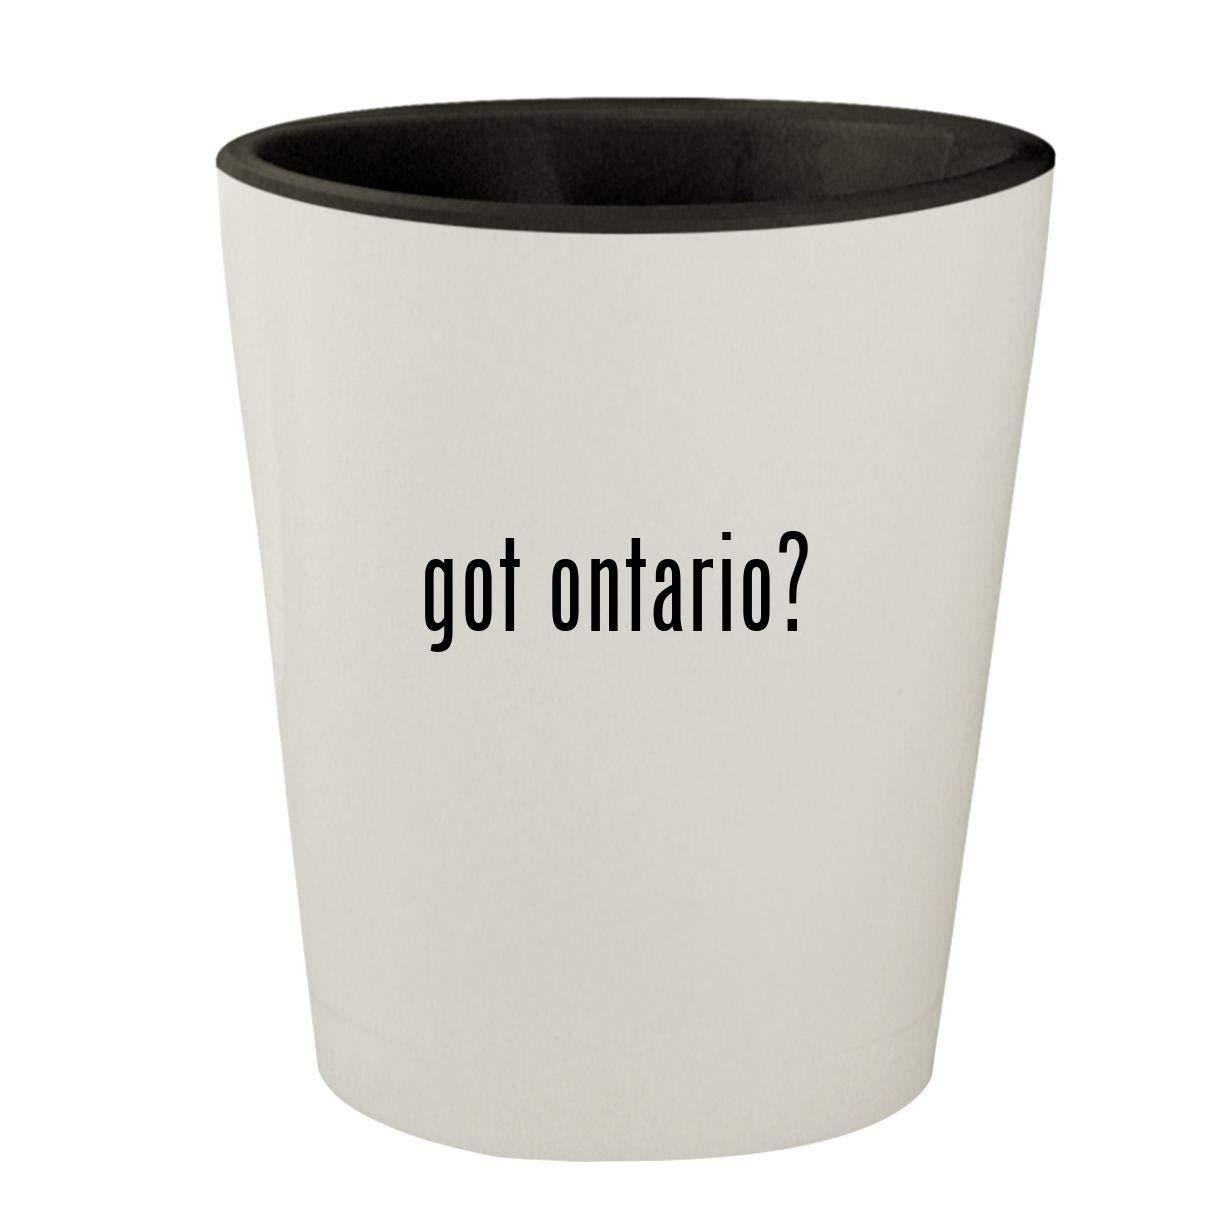 got ontario? - White Outer & Black Inner Ceramic 1.5oz Shot Glass